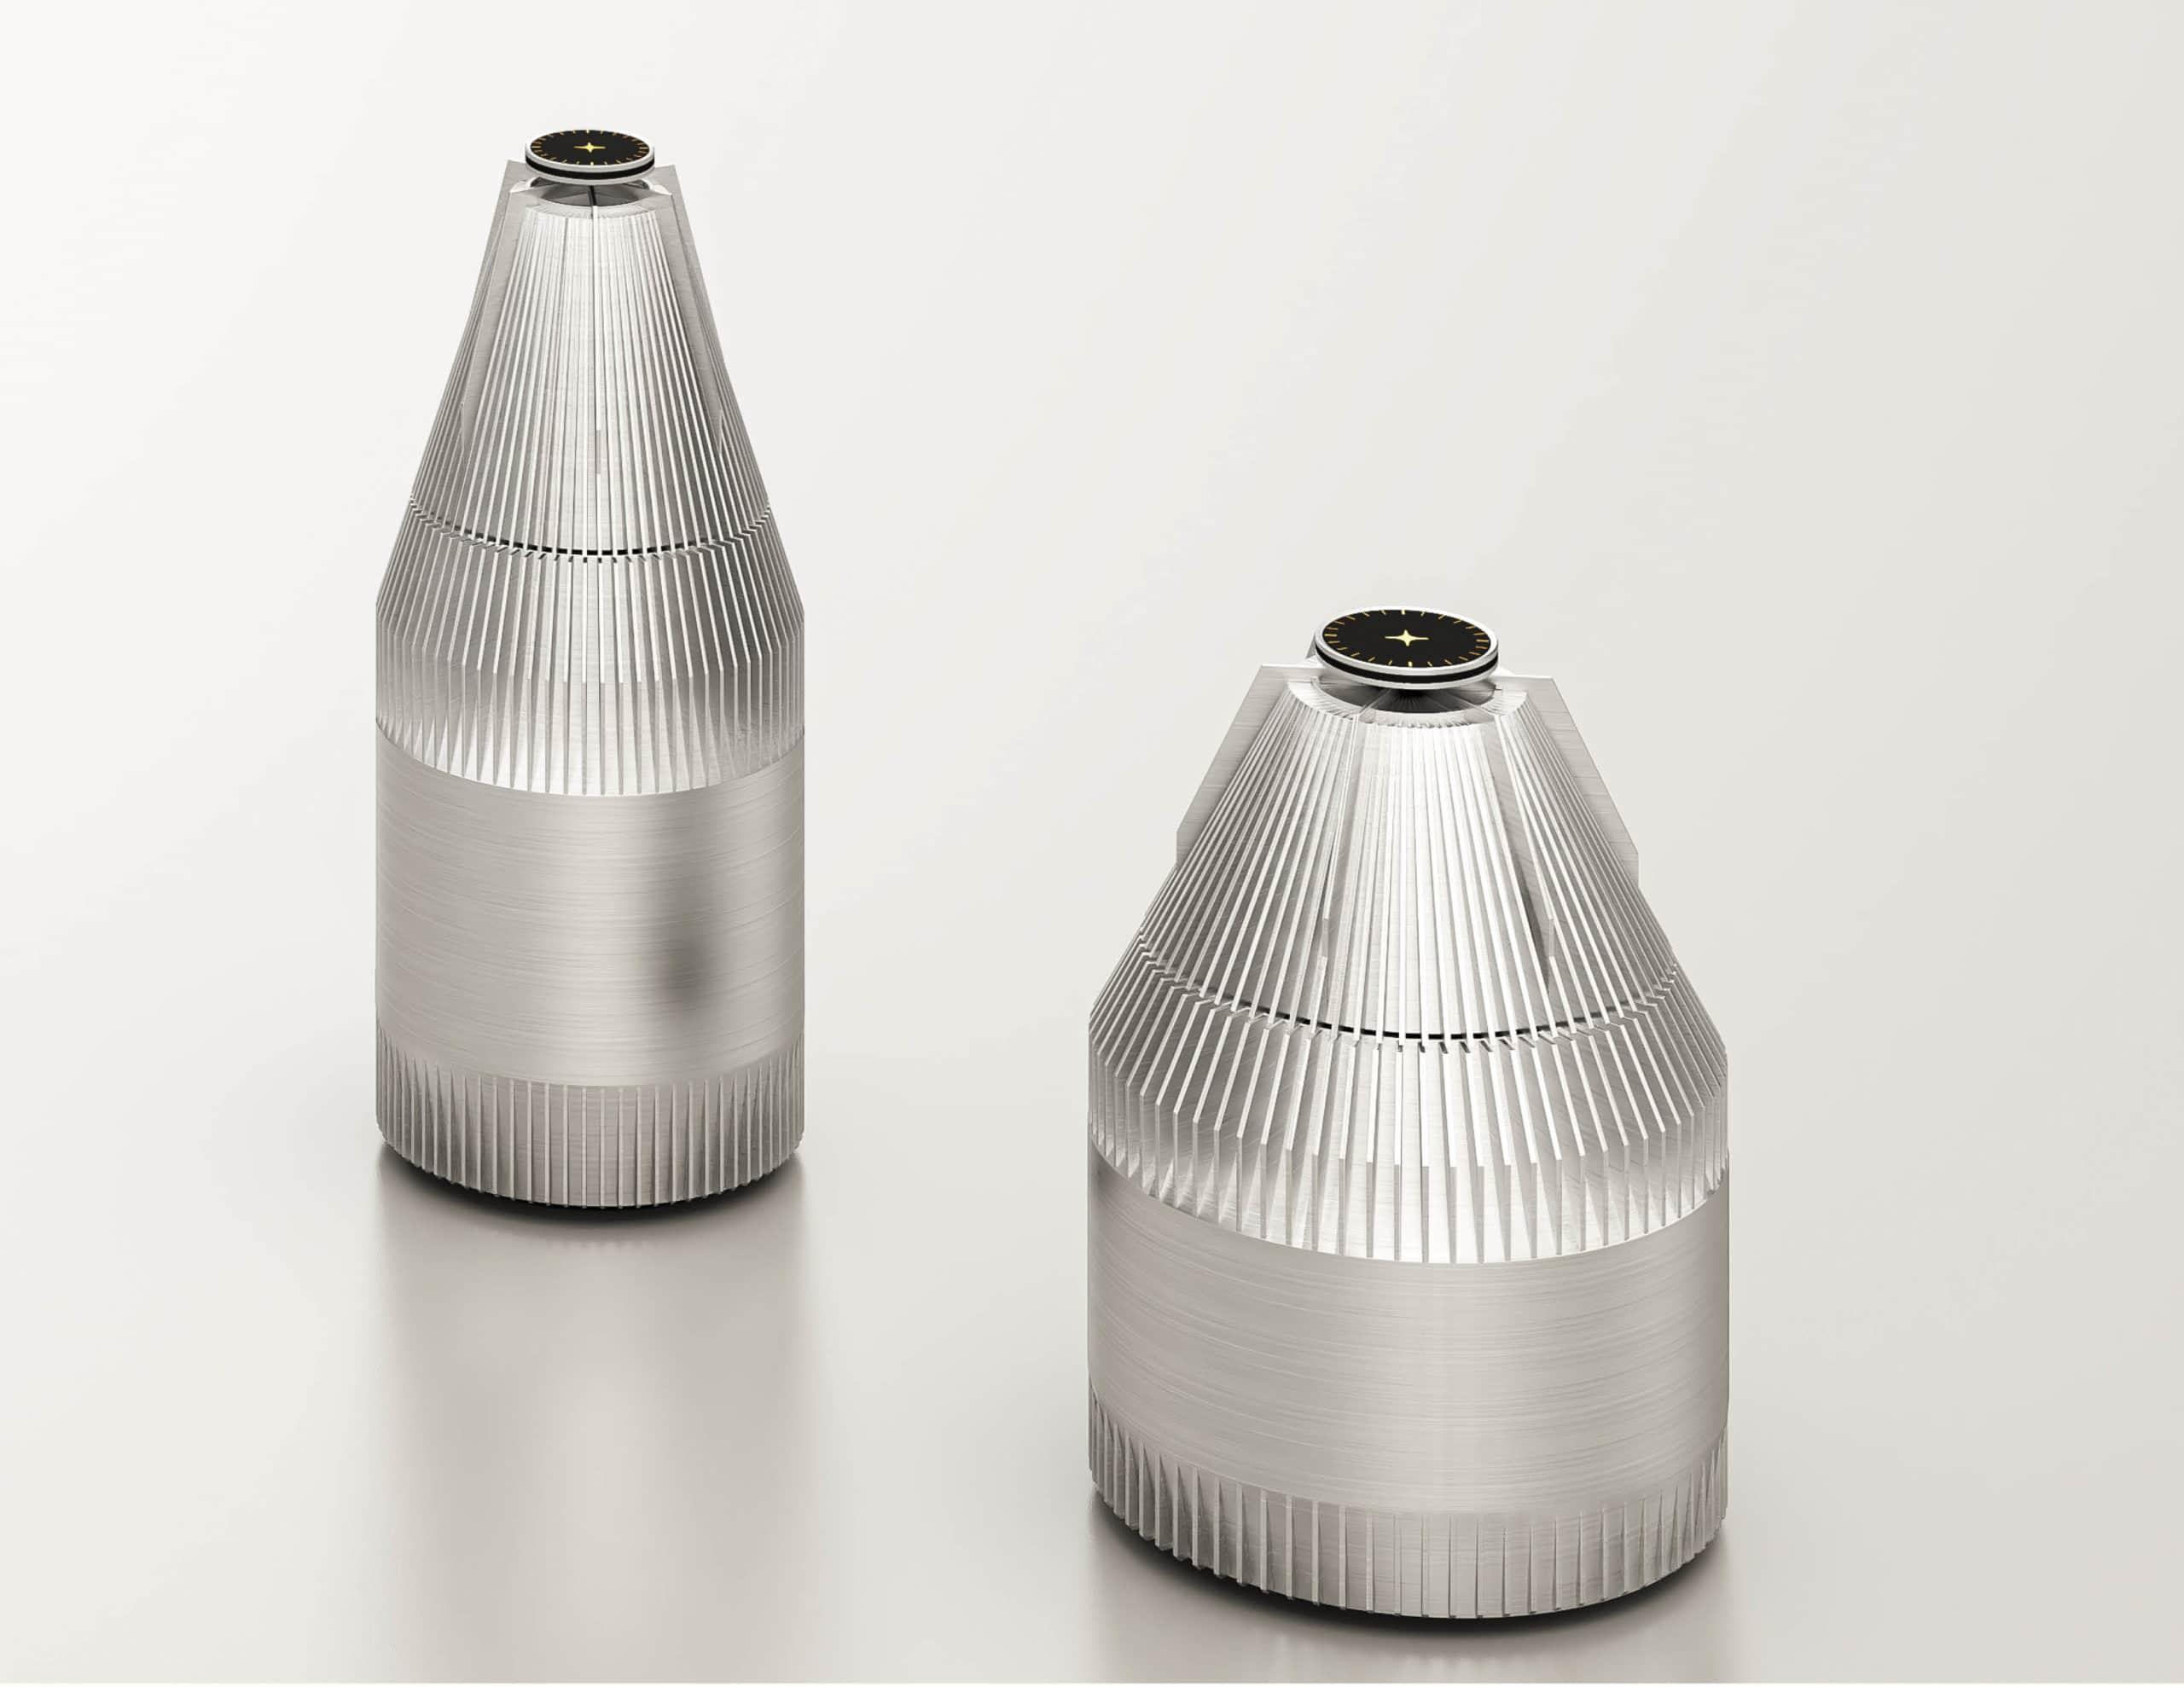 Cryogenic Sperm Storage Tanks, by Legacy